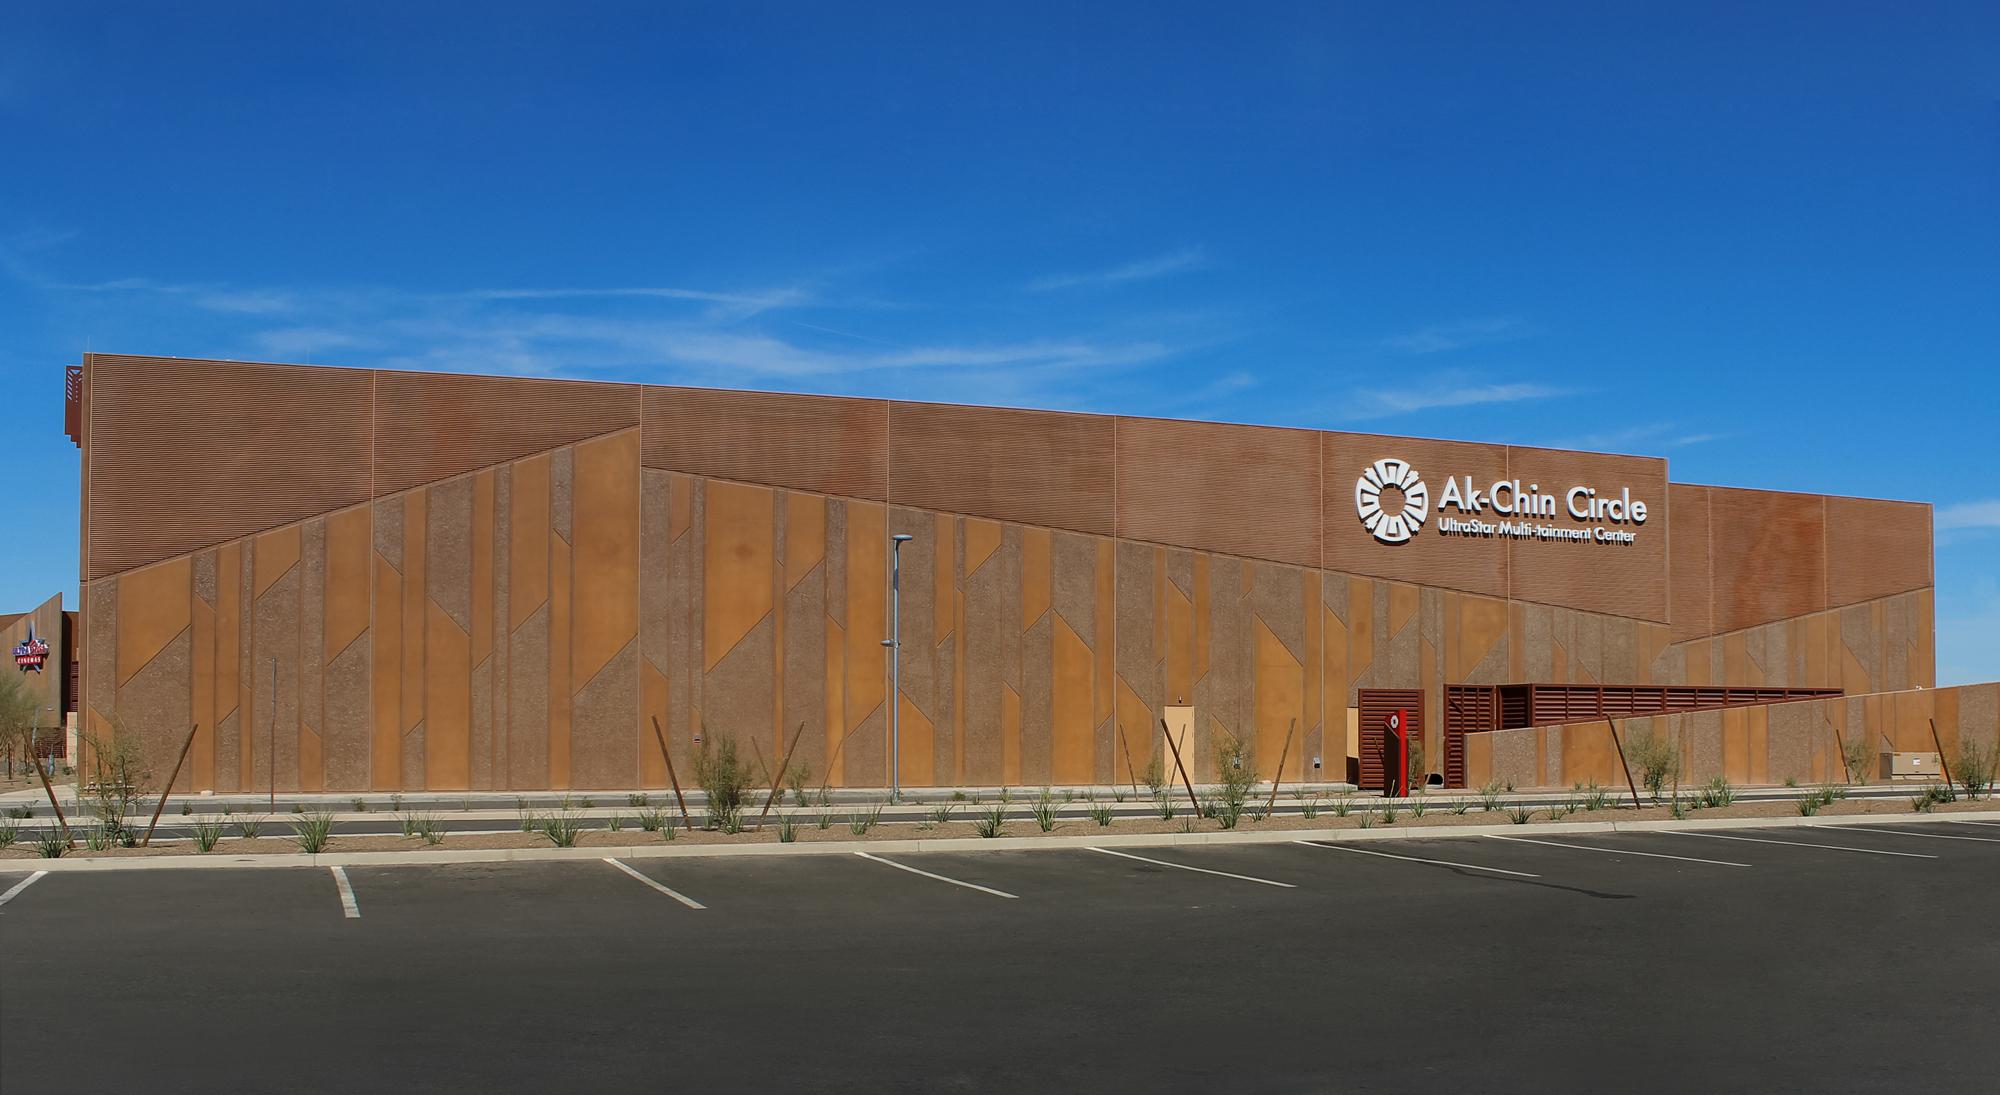 This alternate view shows the building's unique concrete architecture.